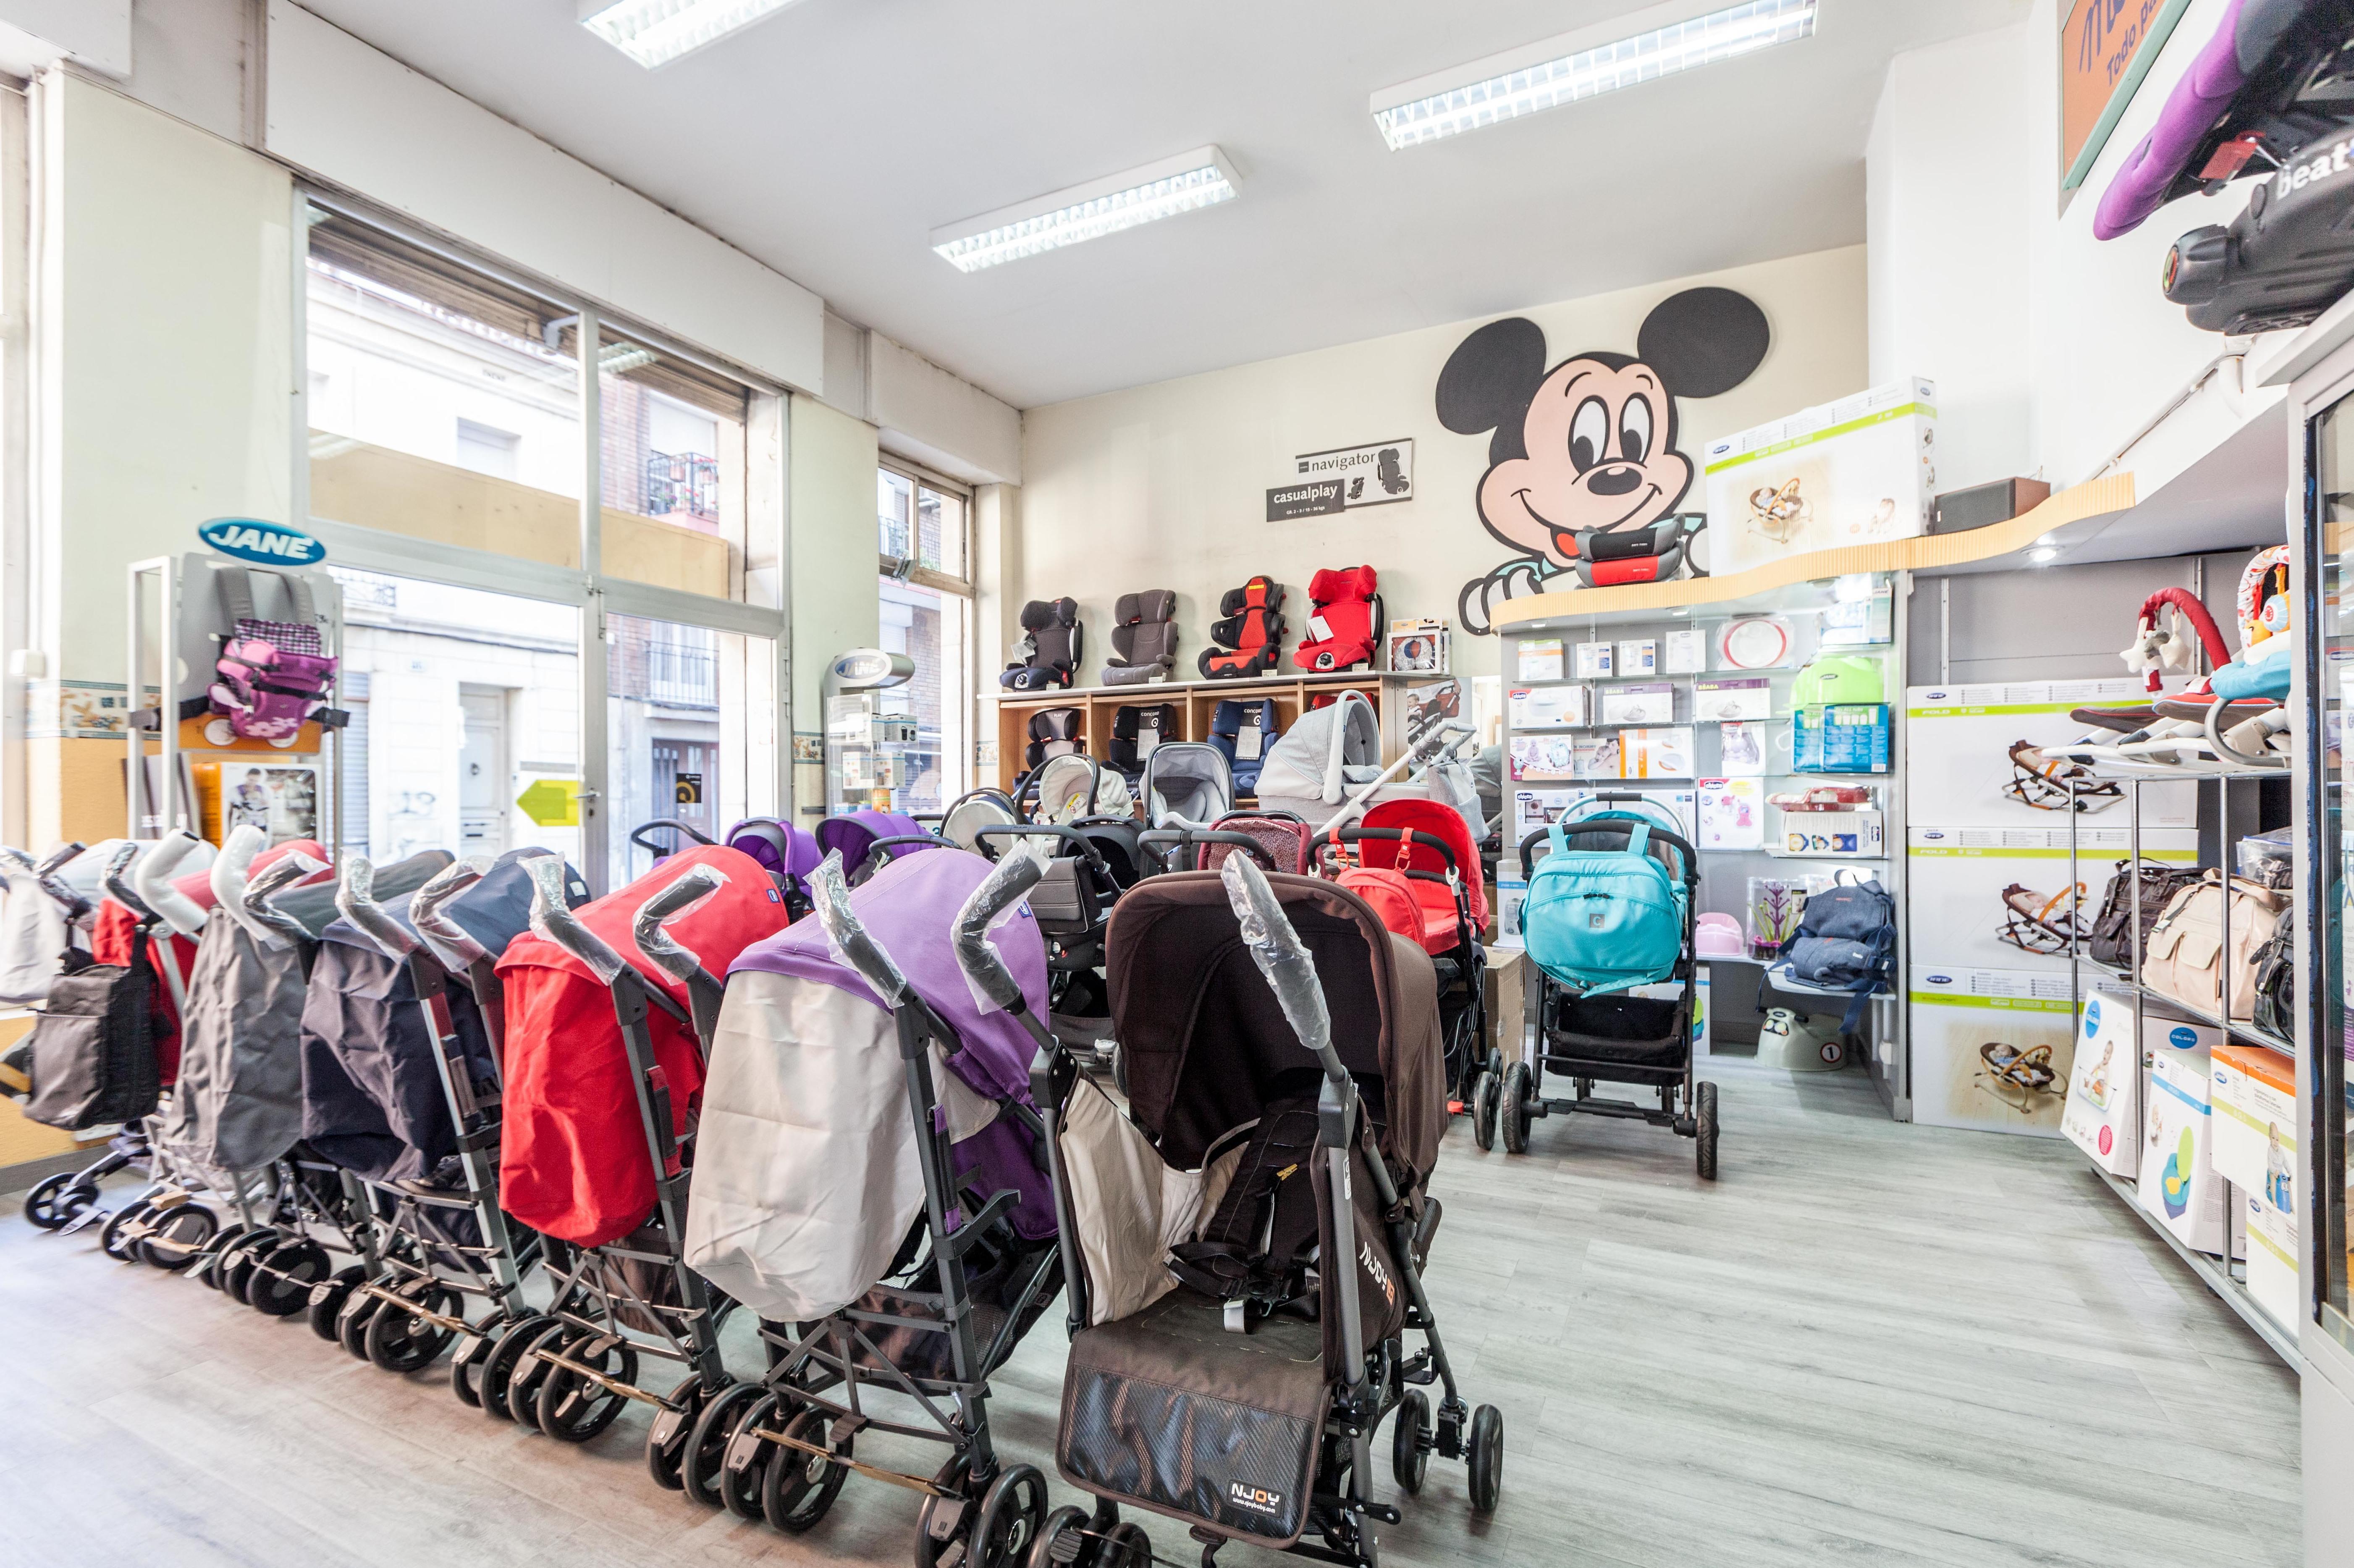 Foto 1 de Mobiliario infantil en L'Hospitalet de Llobregat | Materna|Productos para bebé con los precios más bajos